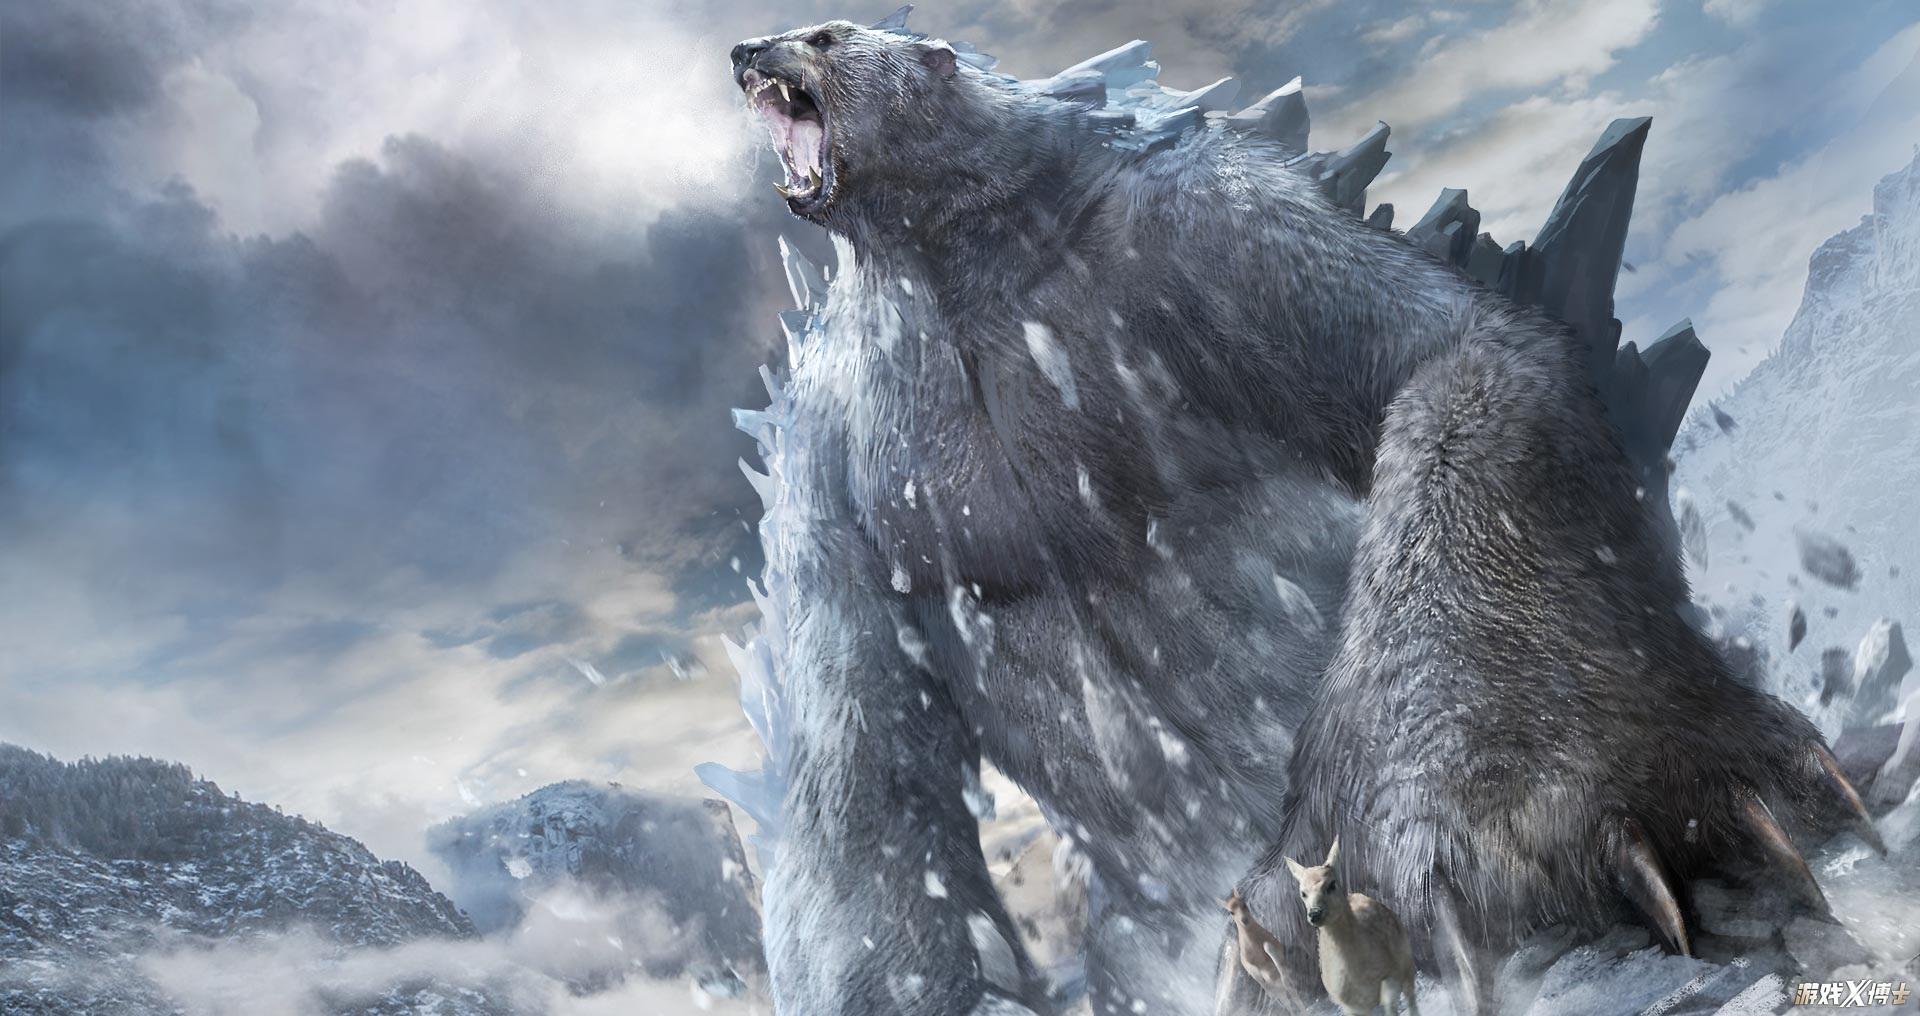 的如_它外型似熊,却拥有着如巍峨高山般的巨大身躯,雪白的皮毛上覆盖着终年